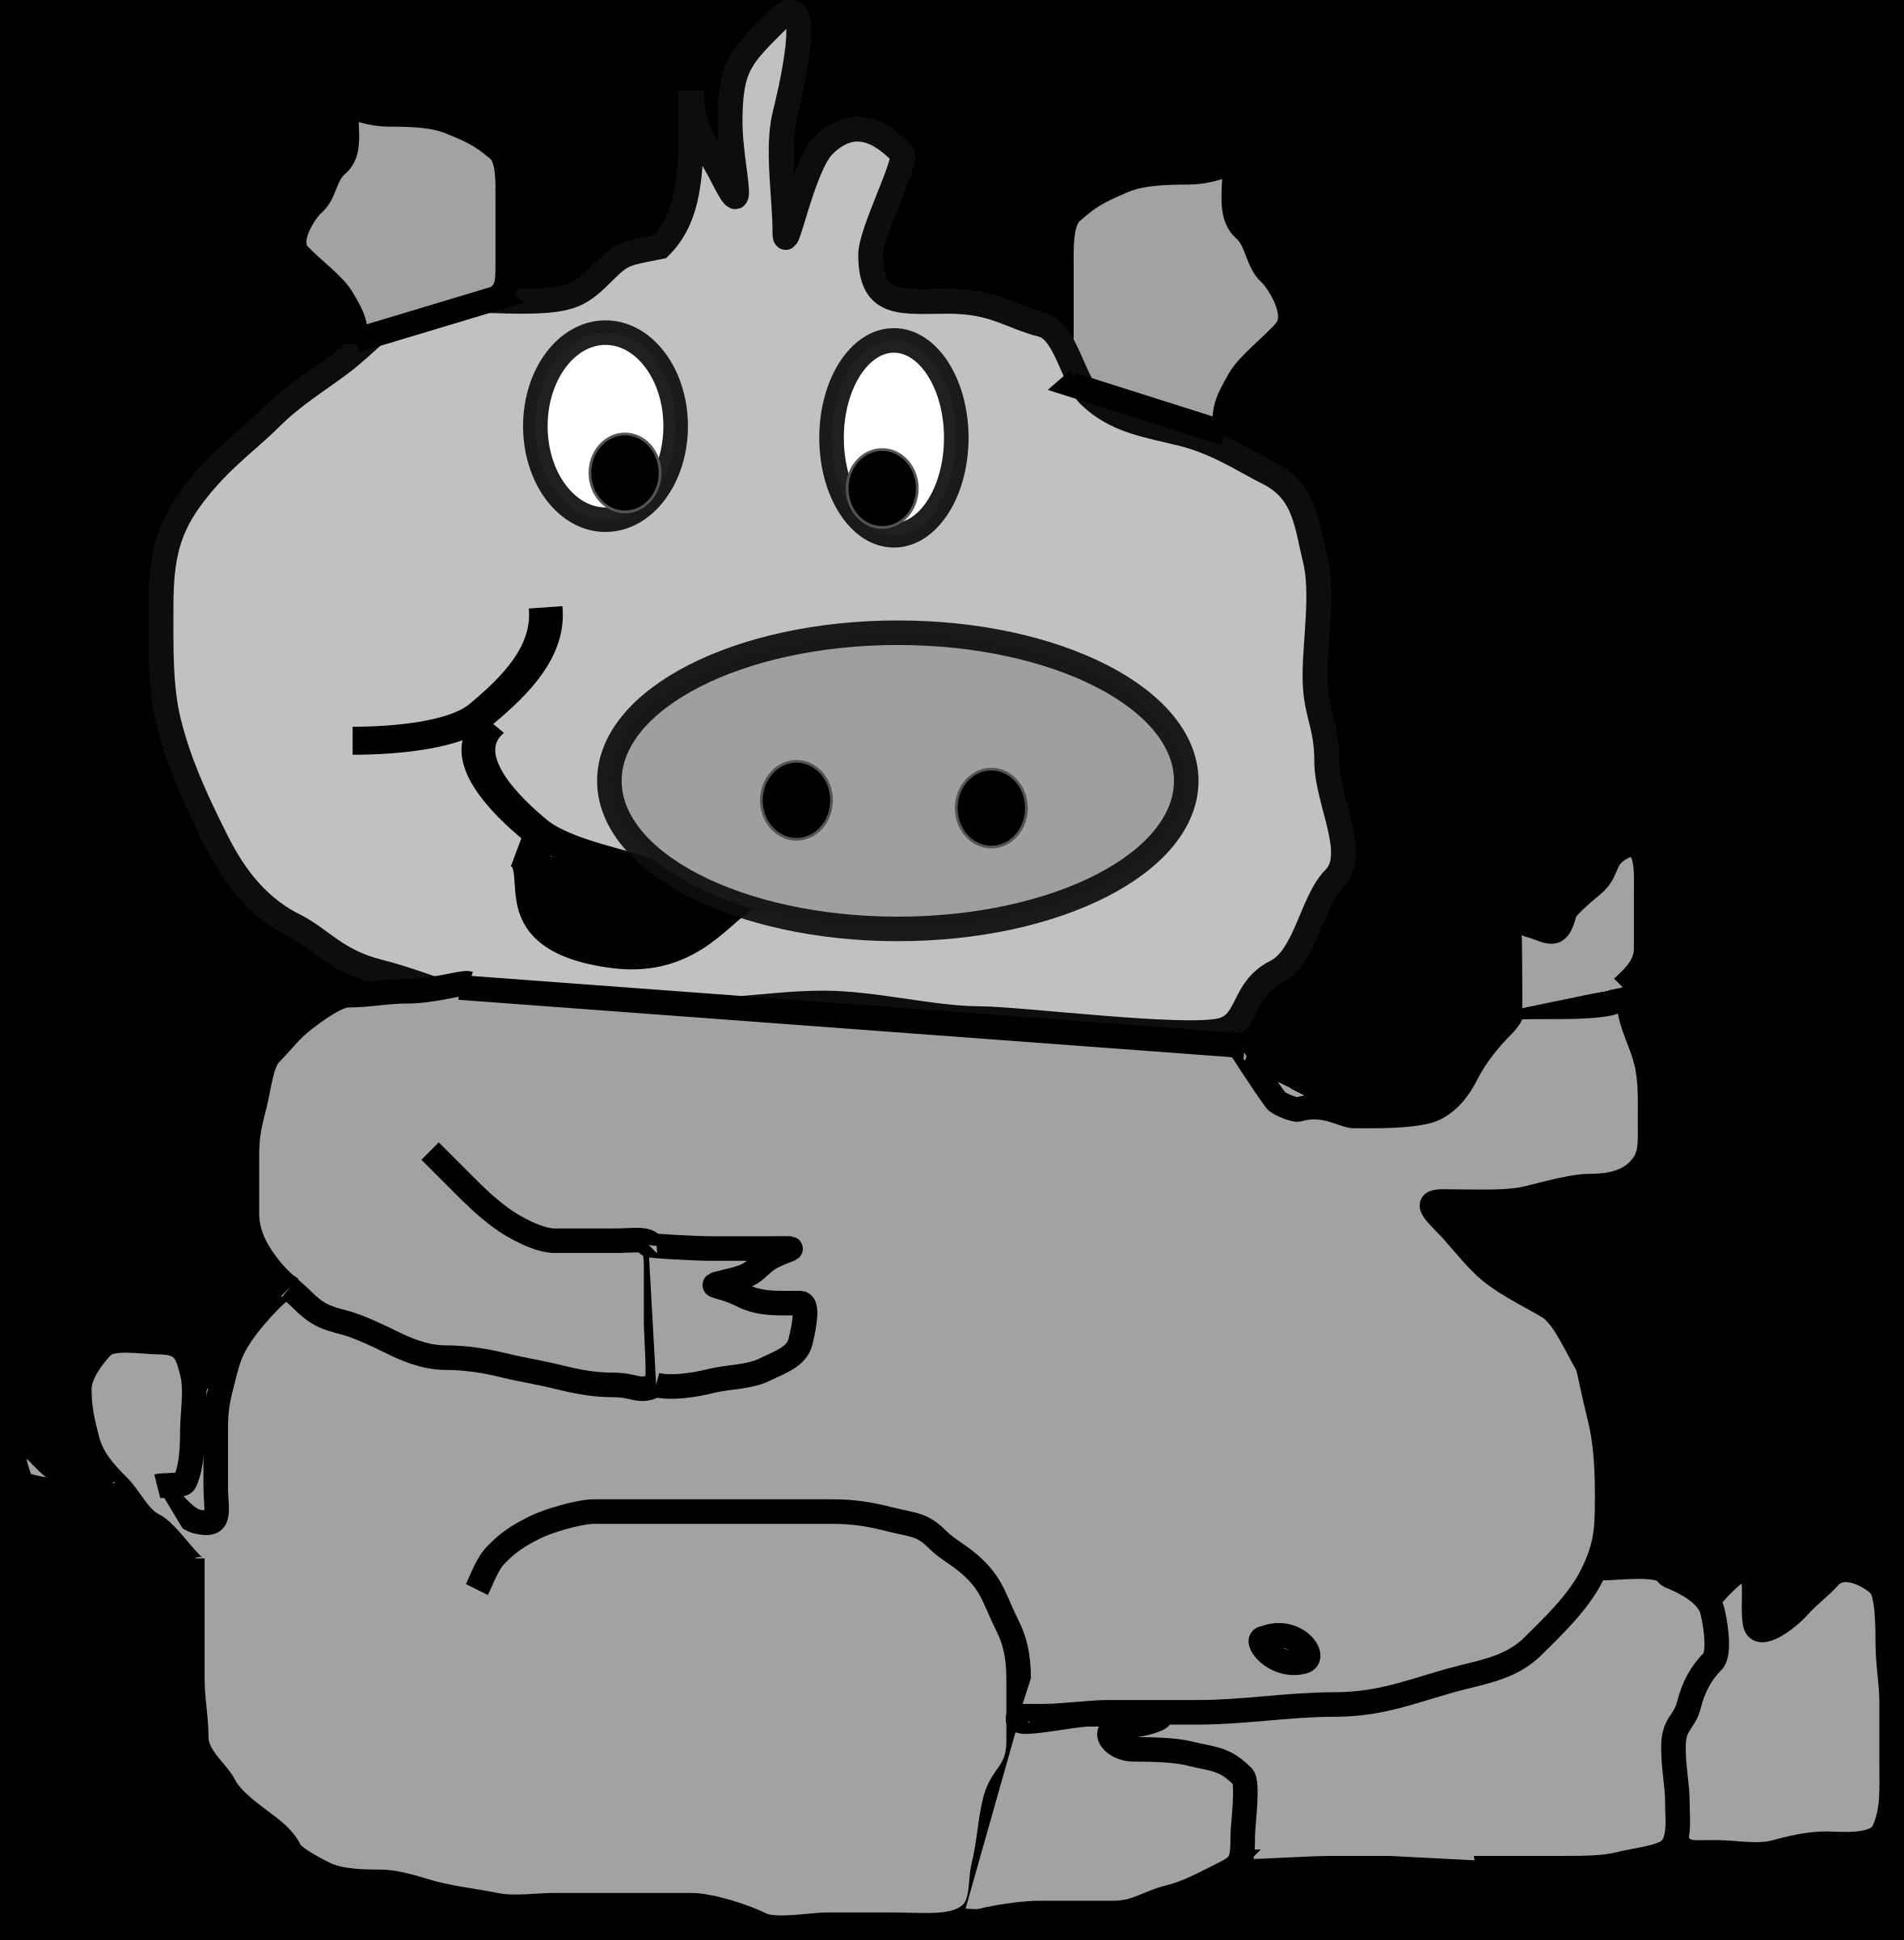 Page of clipartblack com. Pig clipart bbq